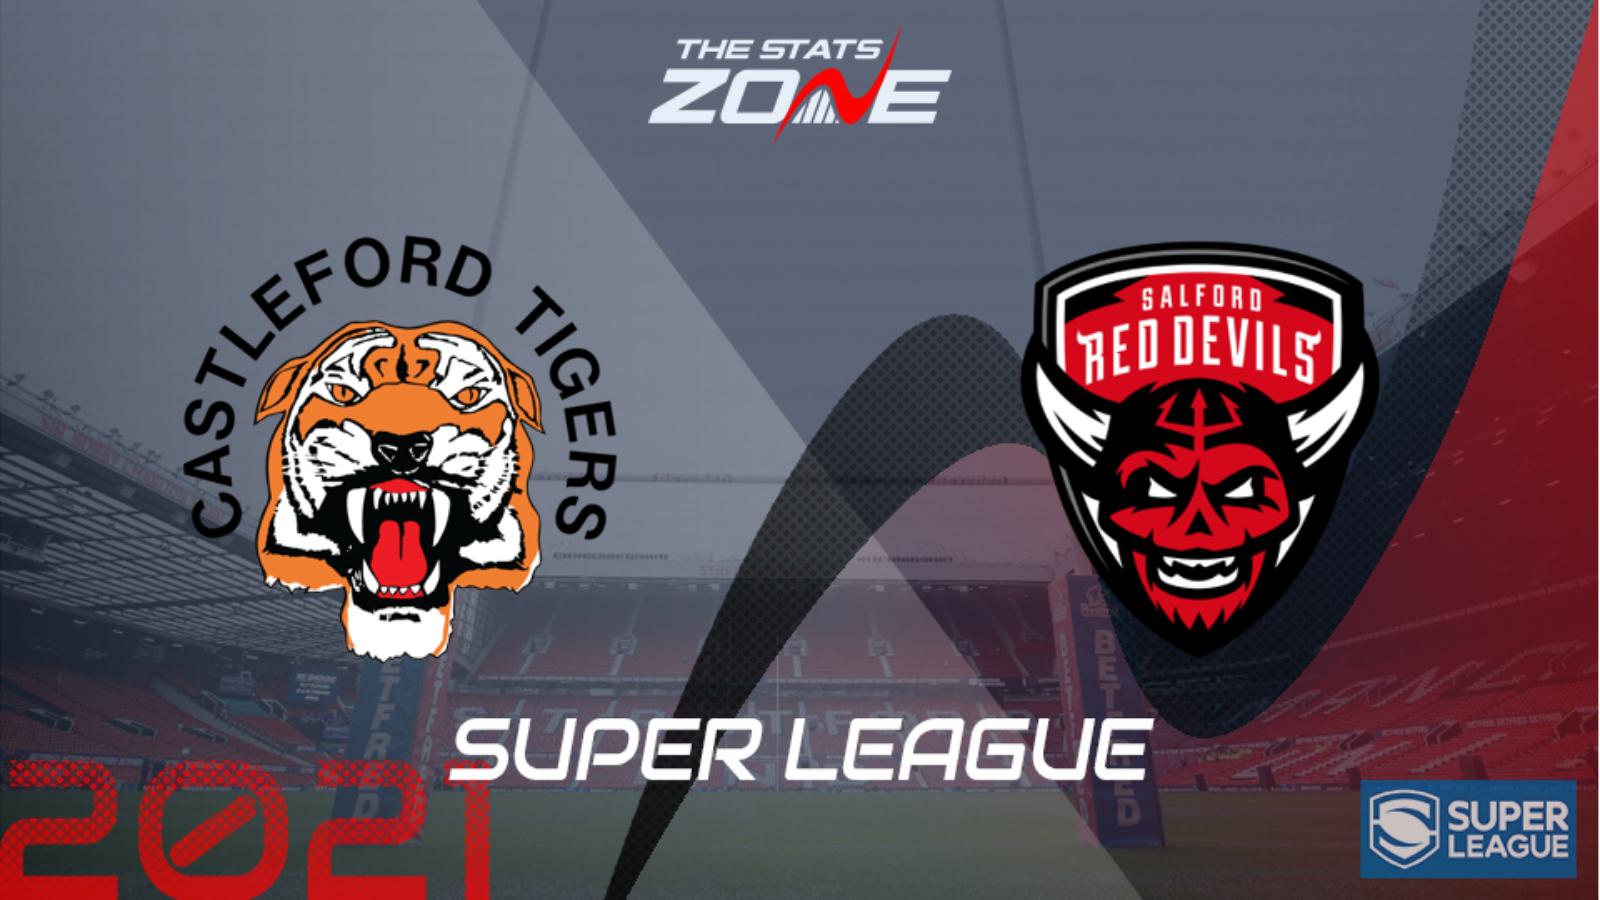 castleford tigers vs salford red devils super league 21 background.